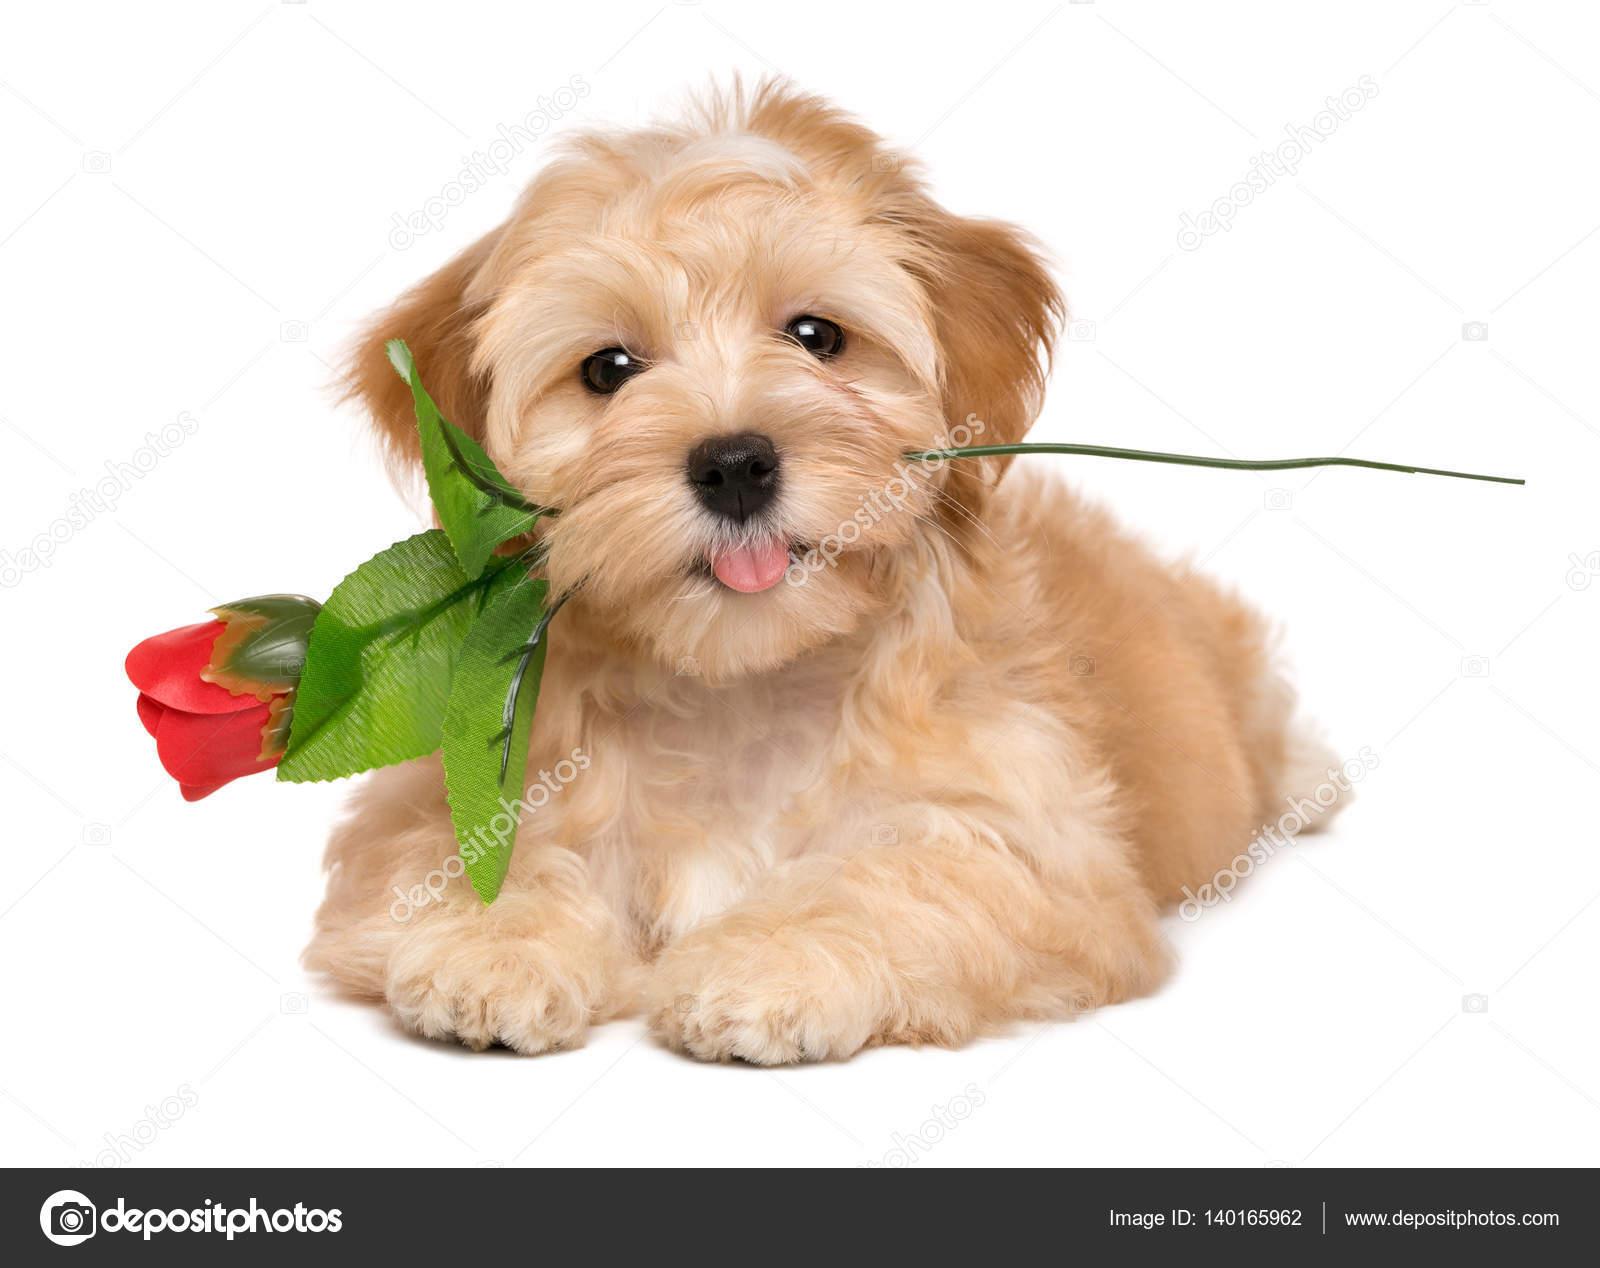 gelukkig minnaar havanezer pup hond liggen met een